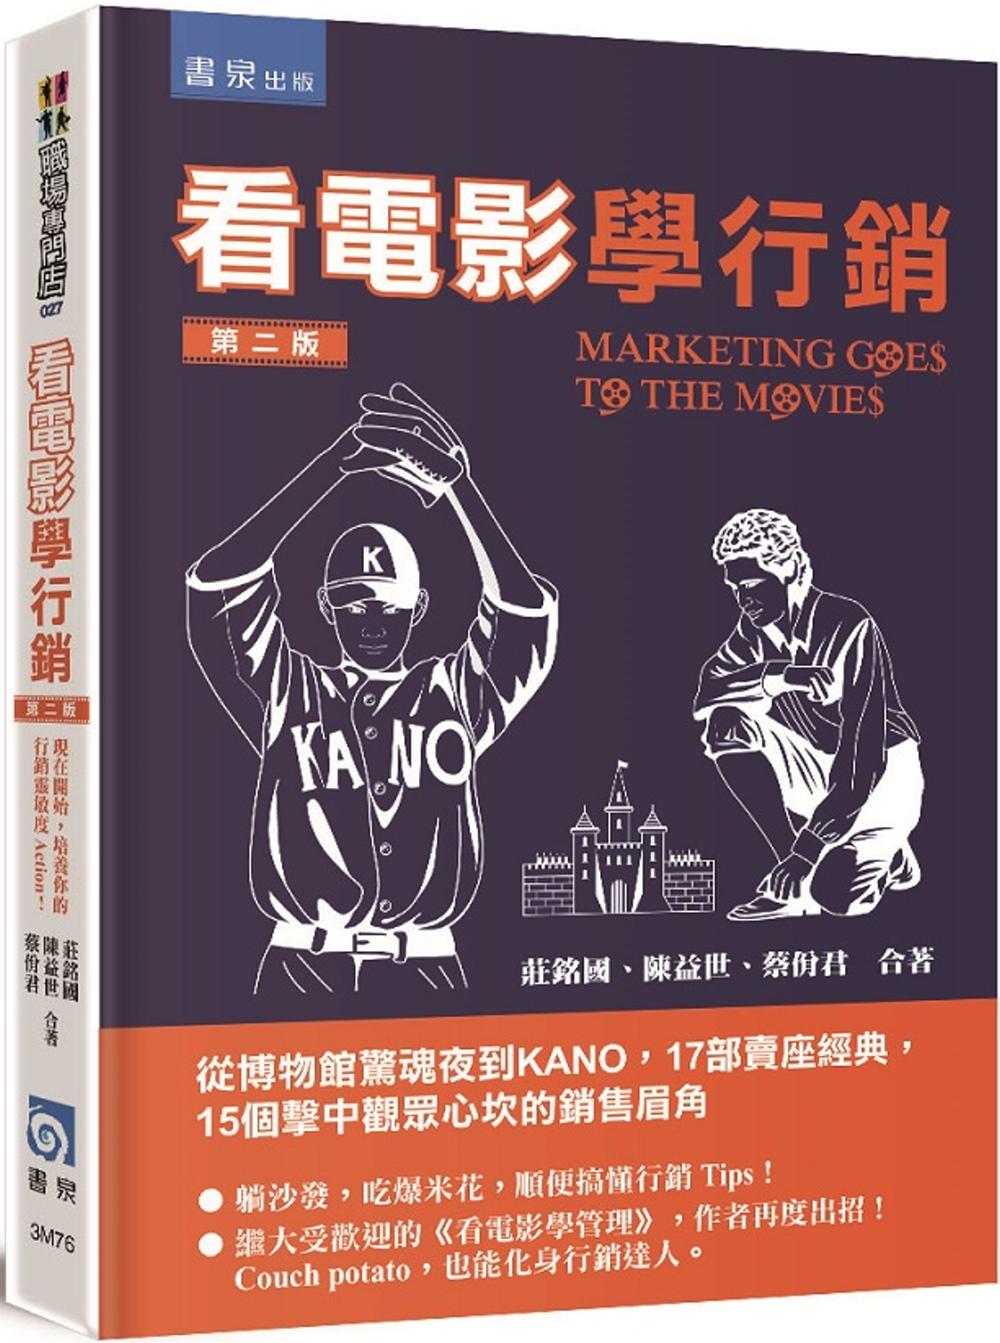 看電影學行銷:從博物館驚魂夜到KANO,17部賣座經典,15個擊中觀眾心坎的銷售眉角(2版)